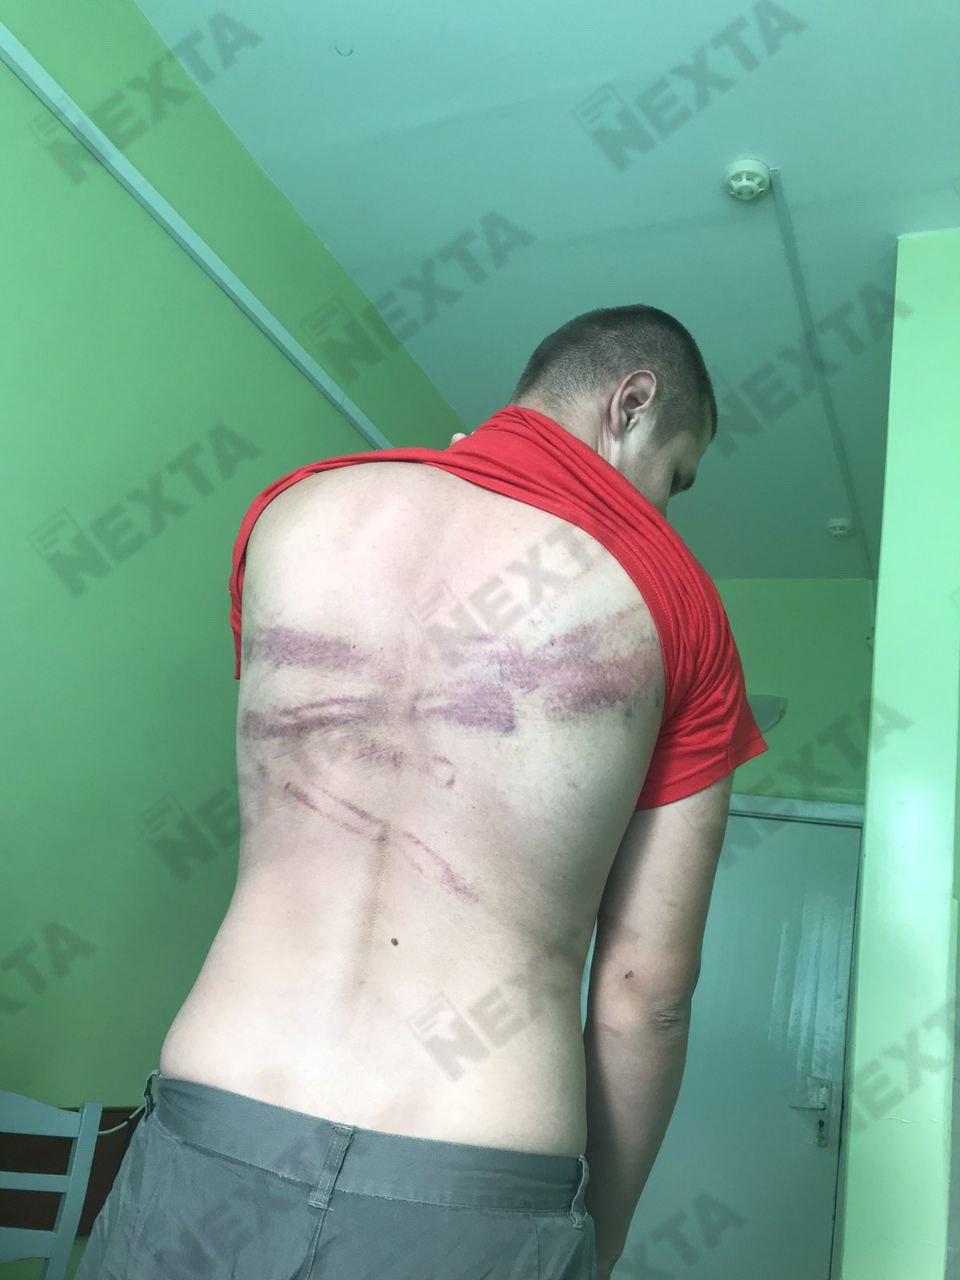 В сети показали ужасающие снимки избитых людей в Беларуси: фото 18+